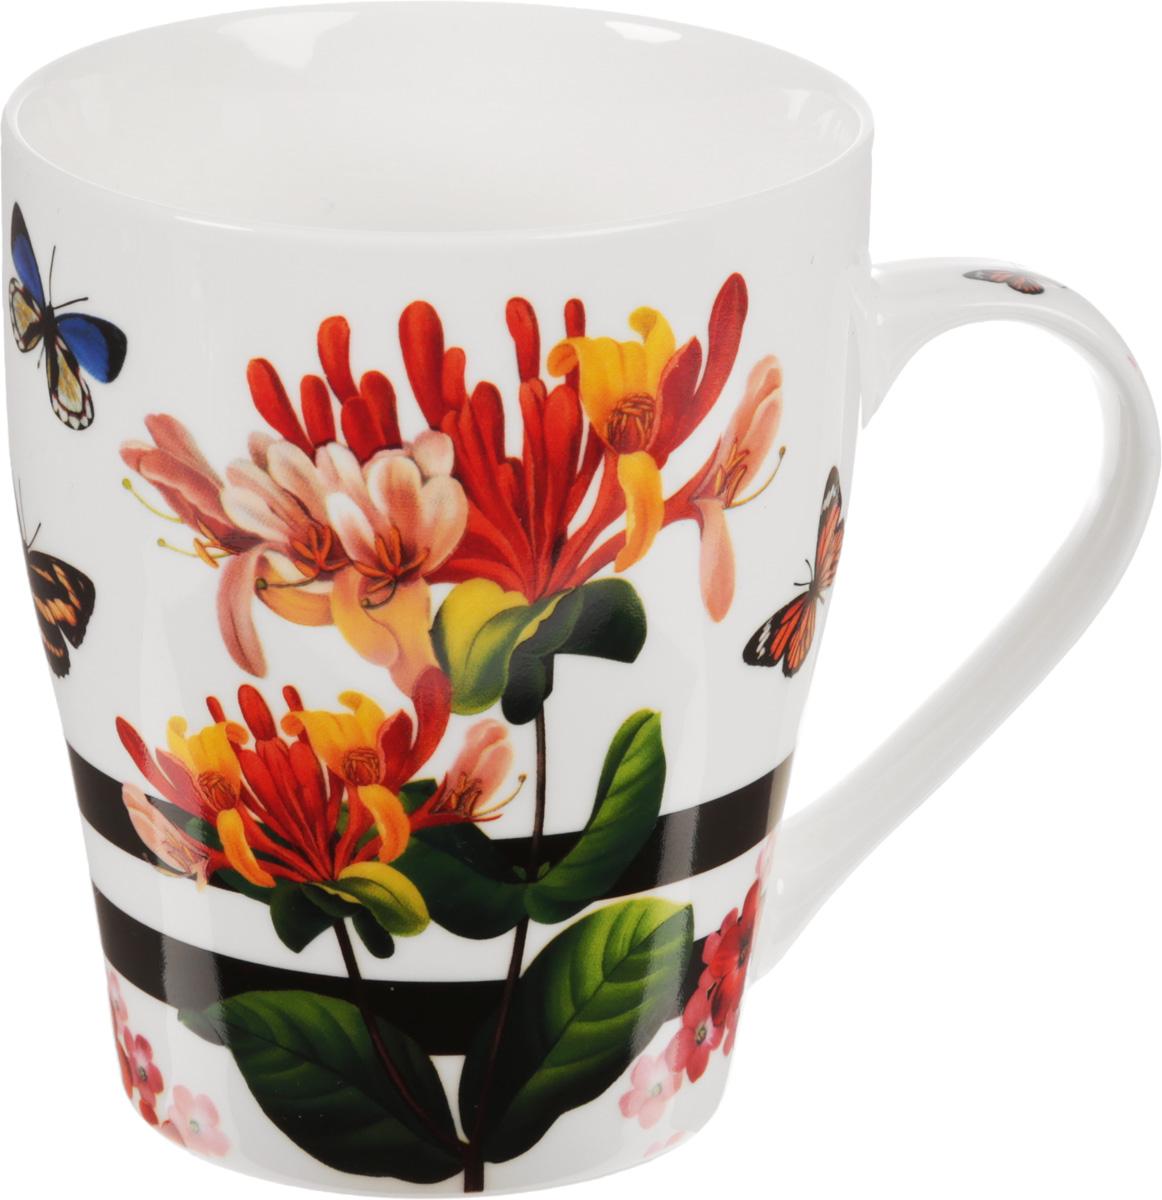 Кружка Loraine Цветы, 340 мл. 24450_224450_цветы/вид 2Кружка Loraine Цветы, изготовленная из костяного фарфора, оснащена удобной ручкой и оформлена красочным изображением. Благодаря своим термостатическим свойствам, изделие отлично сохраняет температуру содержимого. Диаметр (по верхнему краю): 8,3 см. Высота кружки: 10 см. Объем: 340 мл.